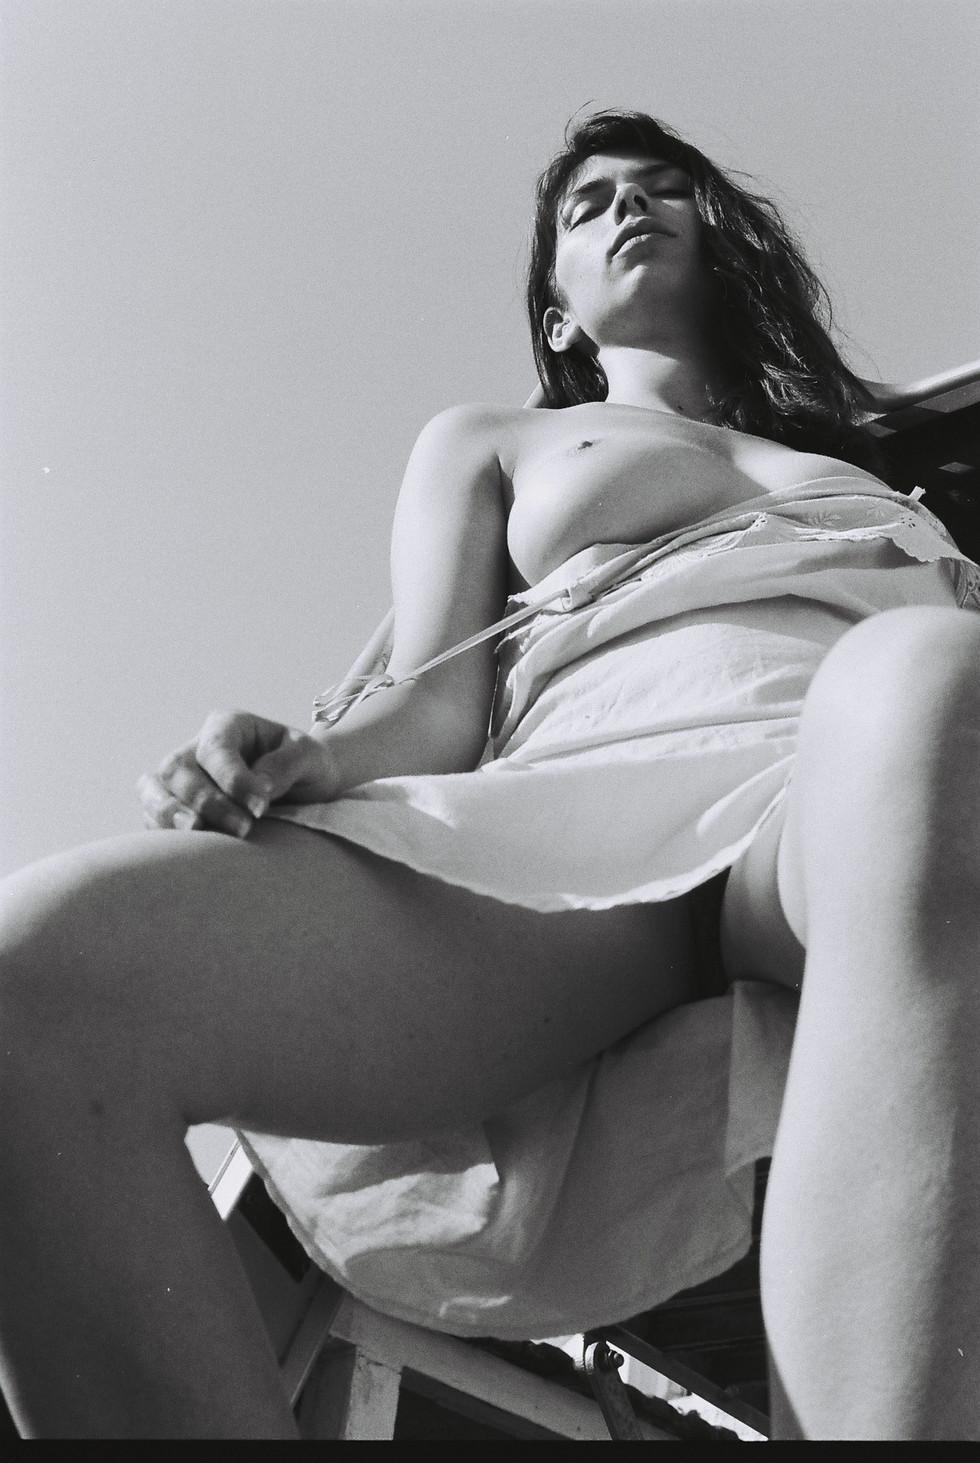 María_Asensi_Borjafilms_27.JPG